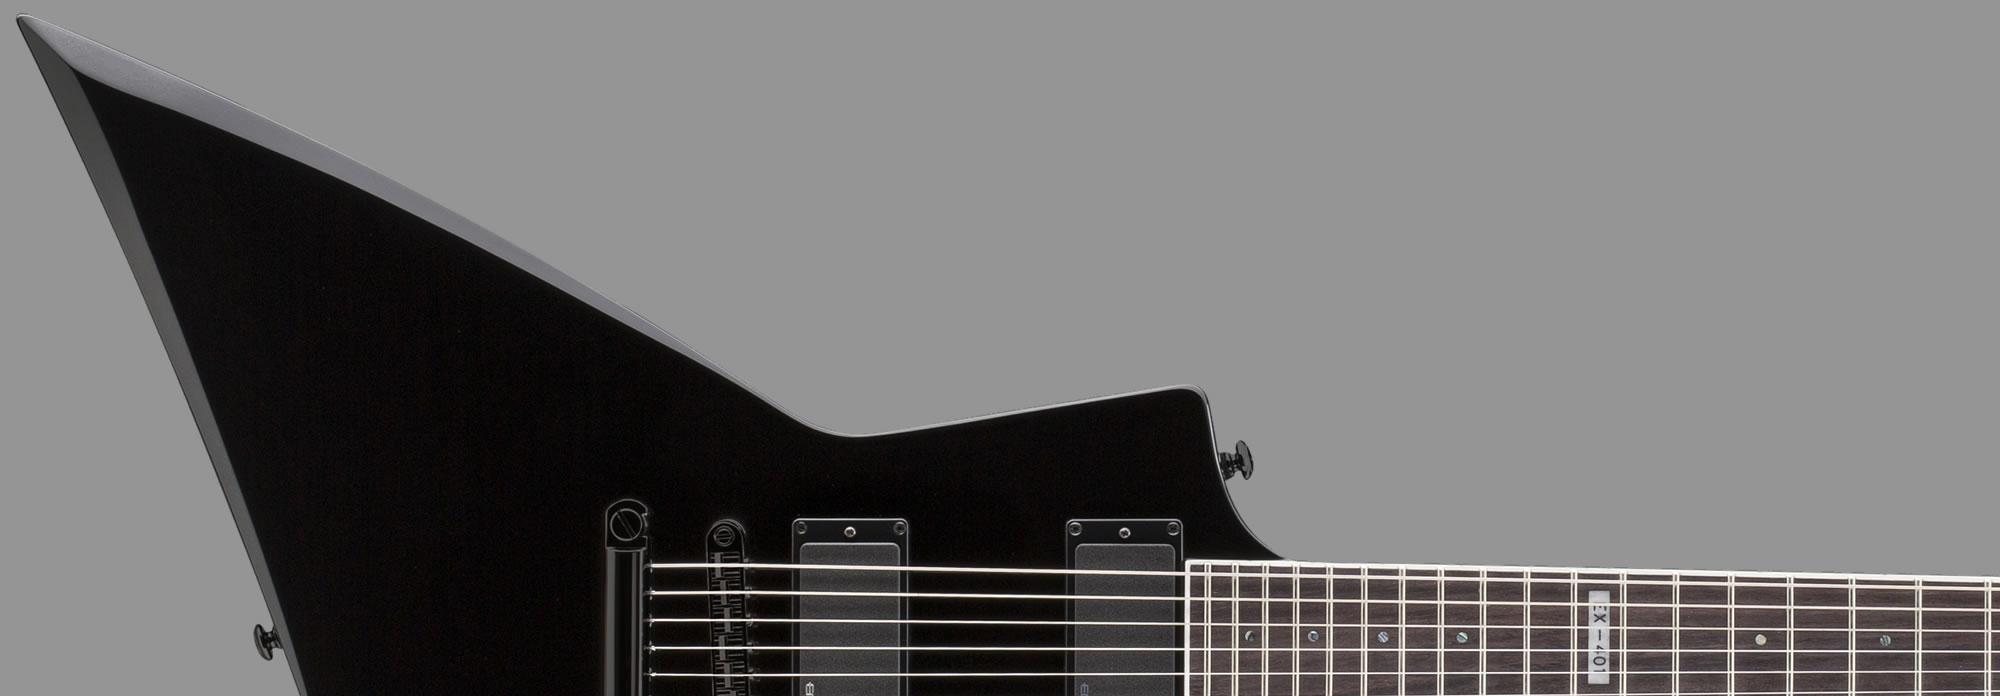 ESP LTD EX-401 Black